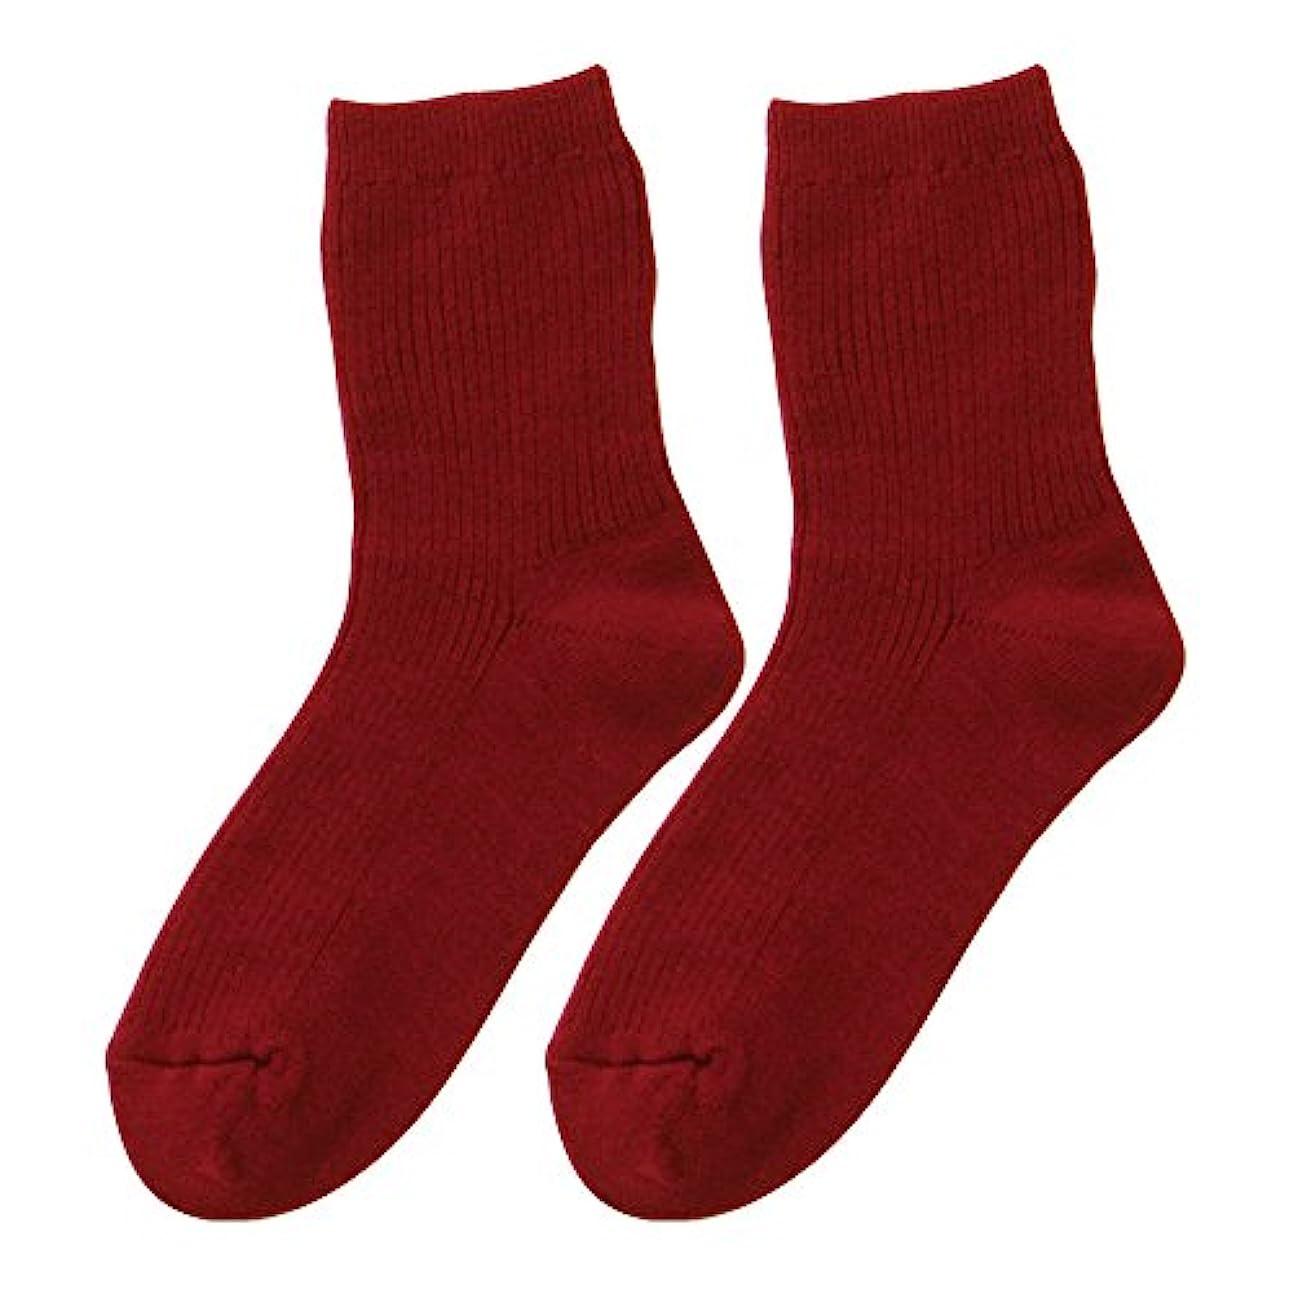 能力蒸発するこれらひだまり ダブルソックス 婦人用 靴下[22~24cm] エンジ